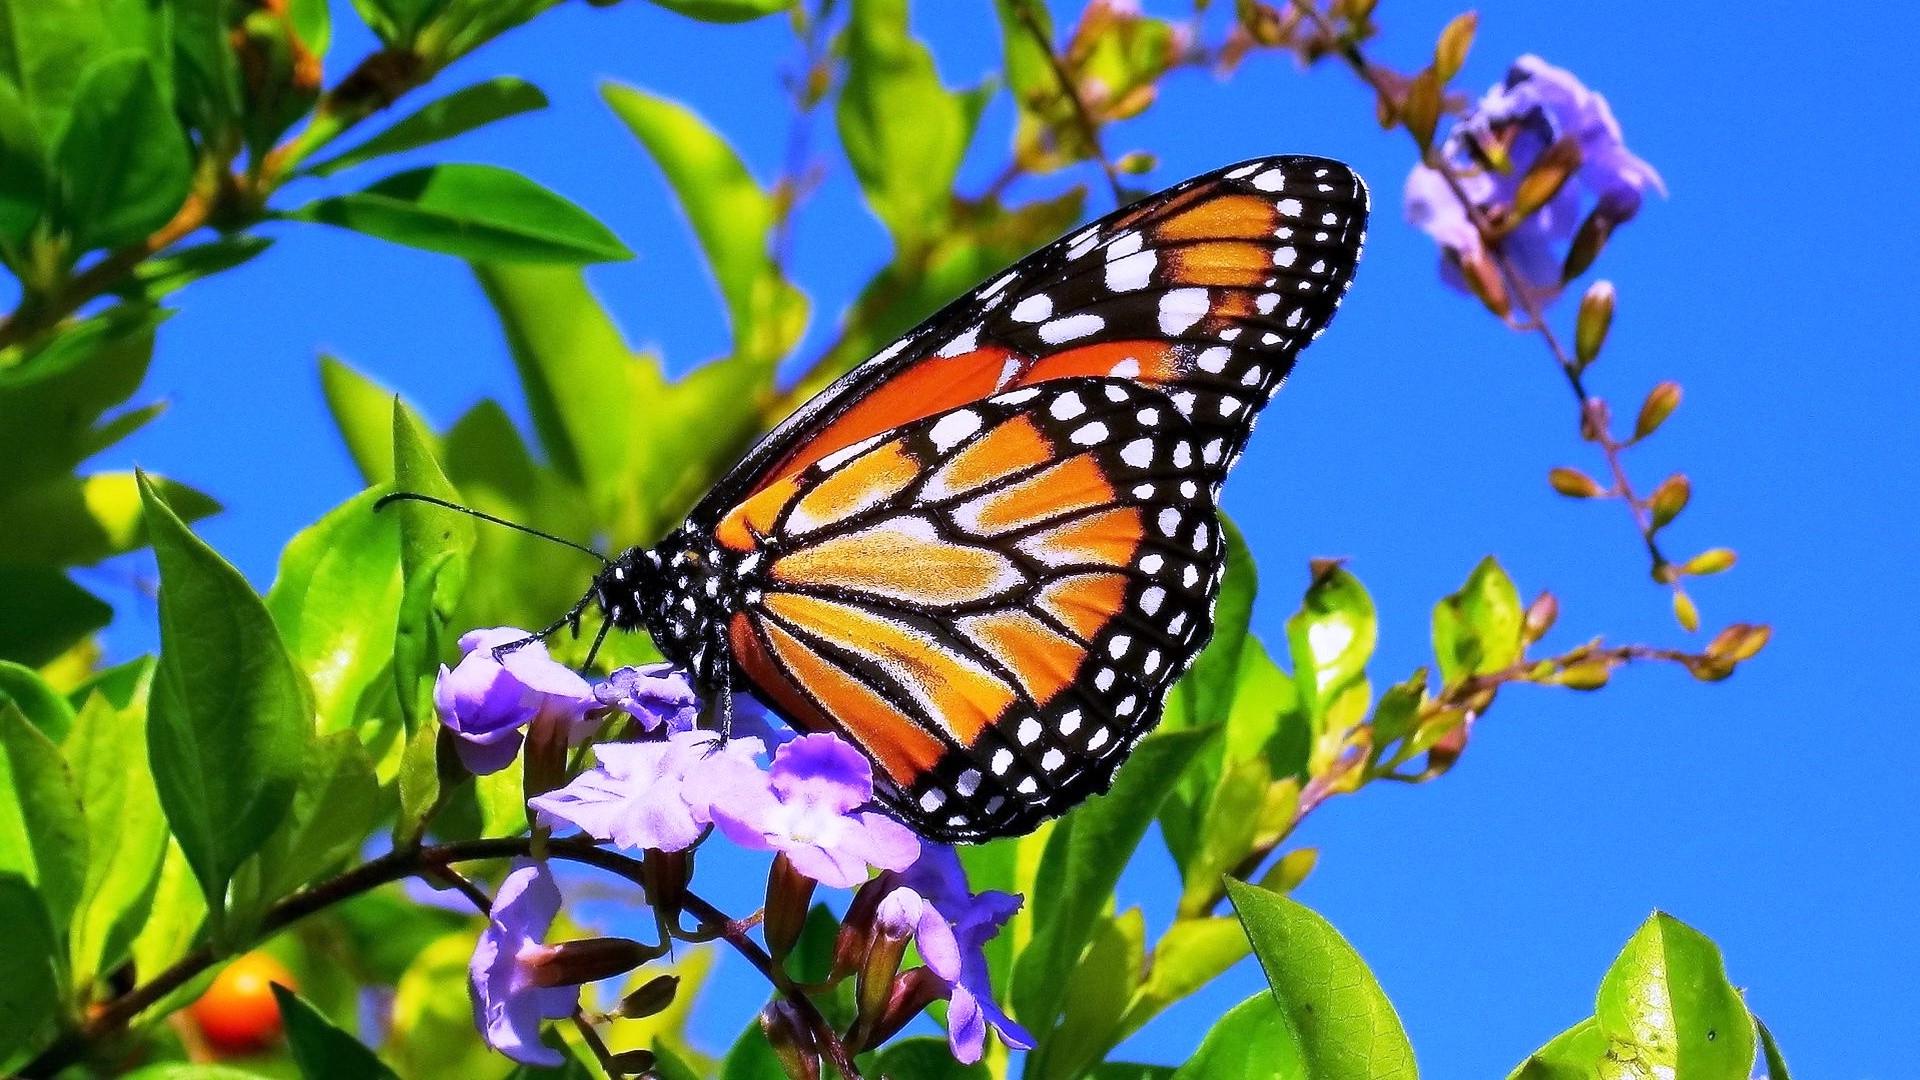 Spring Flower Wallpaper Butterflies #14678 Wallpaper | Wallpaper hd